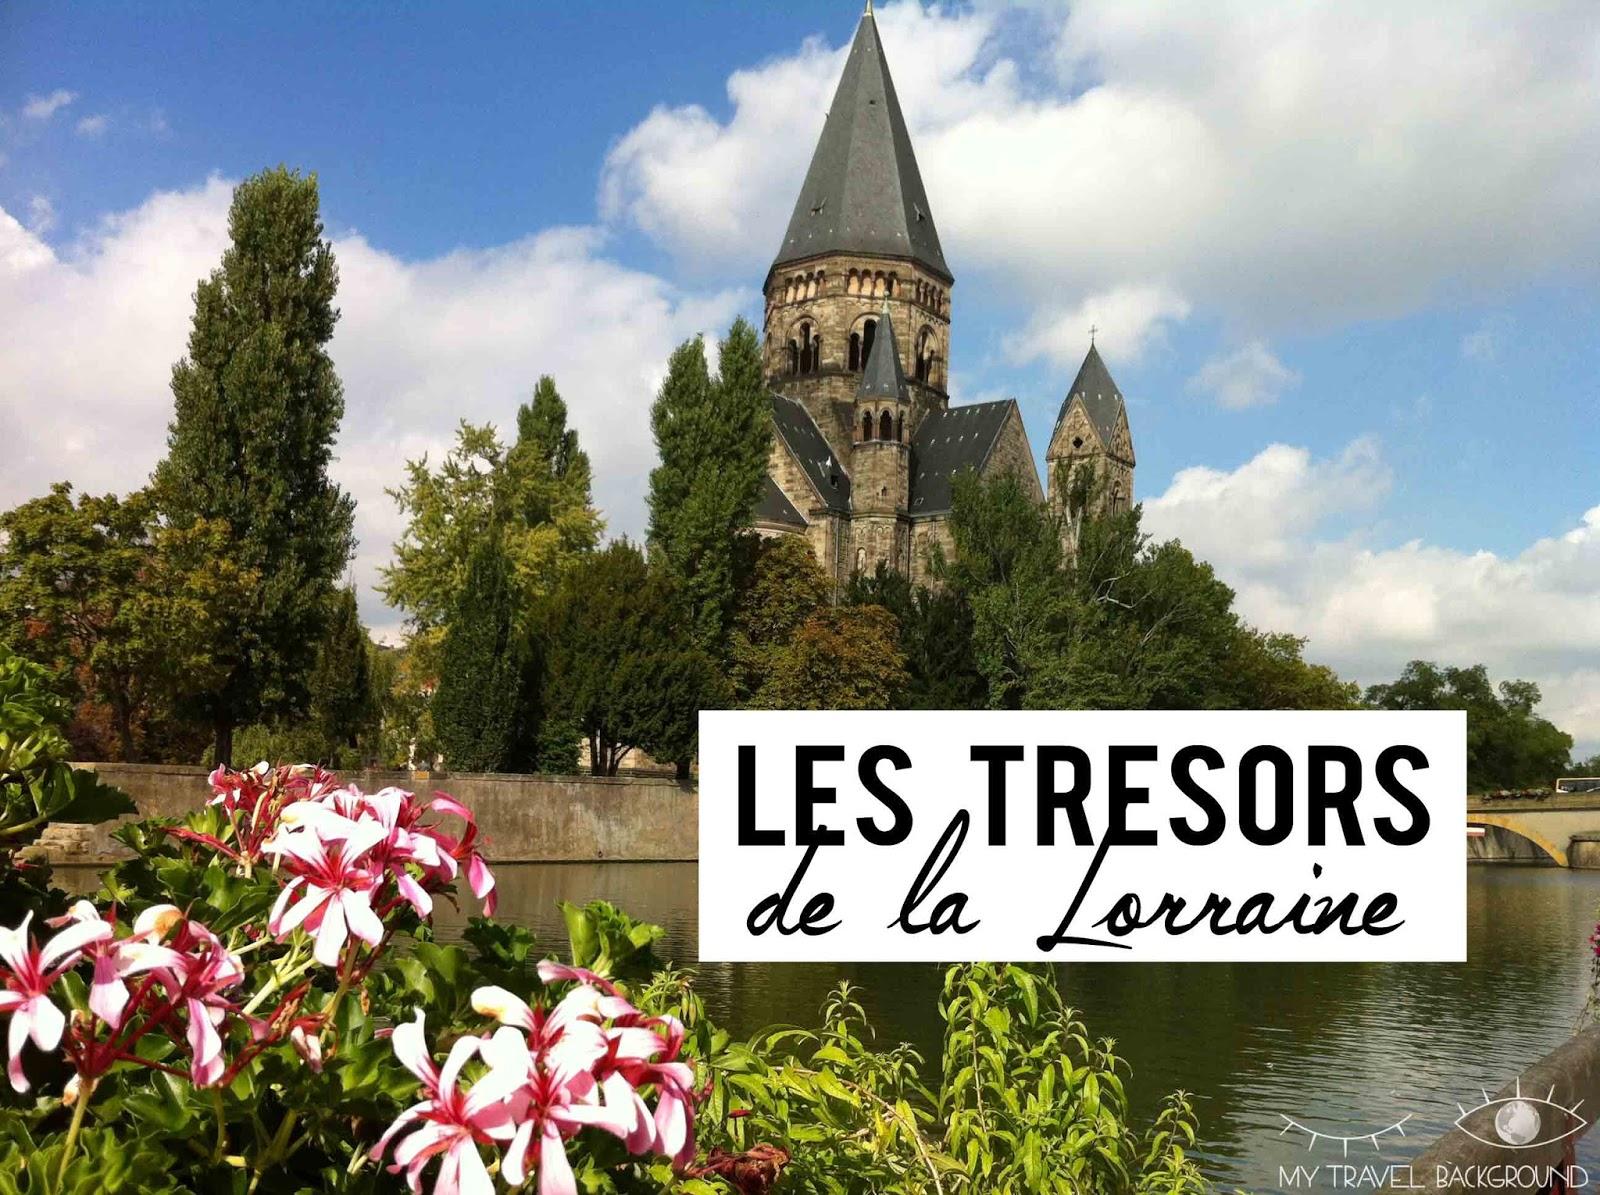 My Travel Background : Les trésors de la Lorraine (je vous emmène en Lorraine)